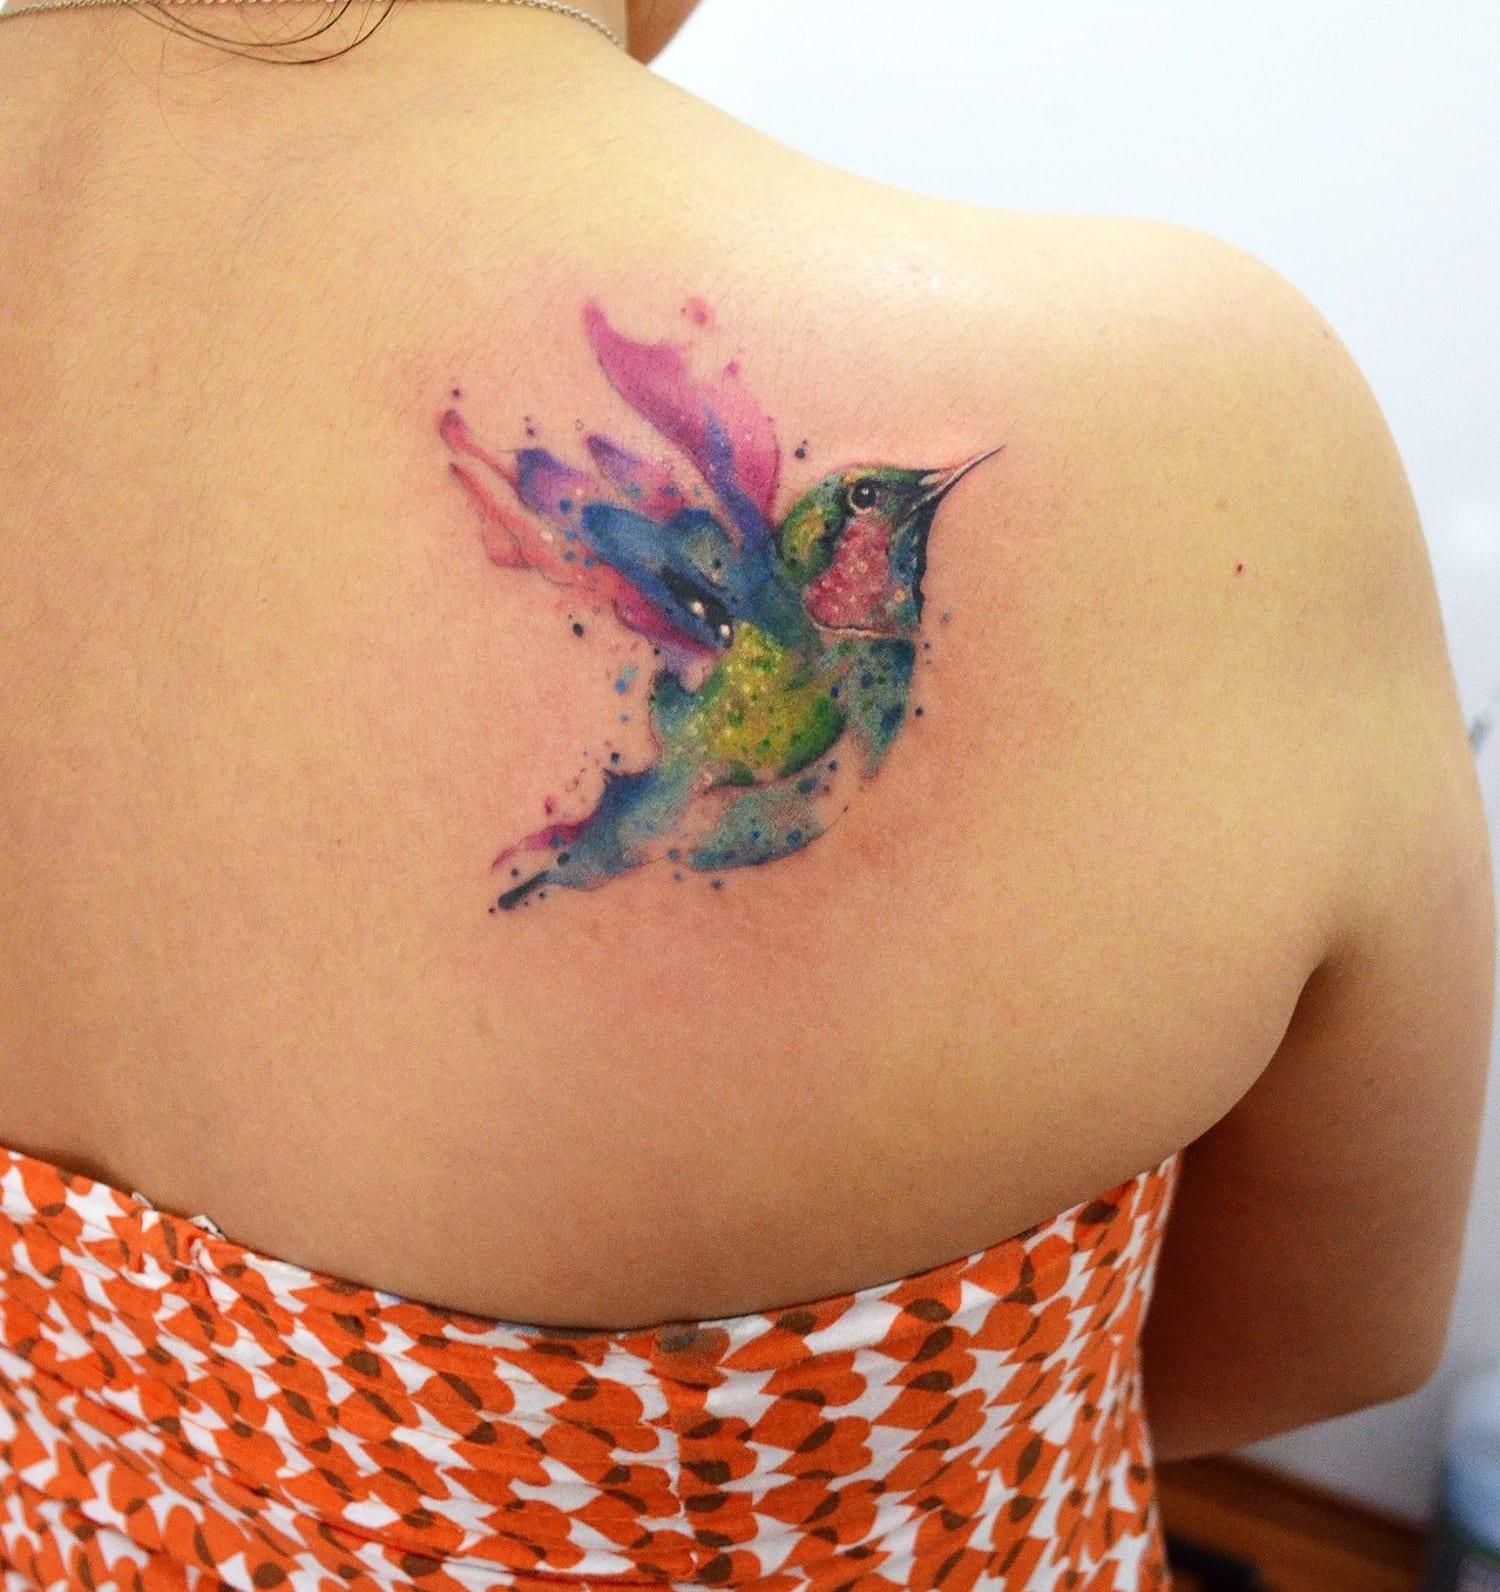 De colibri en la espalda significado tatuaje colibri tatuaje tattoo -  Qu Significa Para Ti A Continuaci N Te Presento Una Galer A De Im Genes Para Que Puedas Ver Algunos Ejemplos De Tatuajes De P Jaros Son Espectaculares